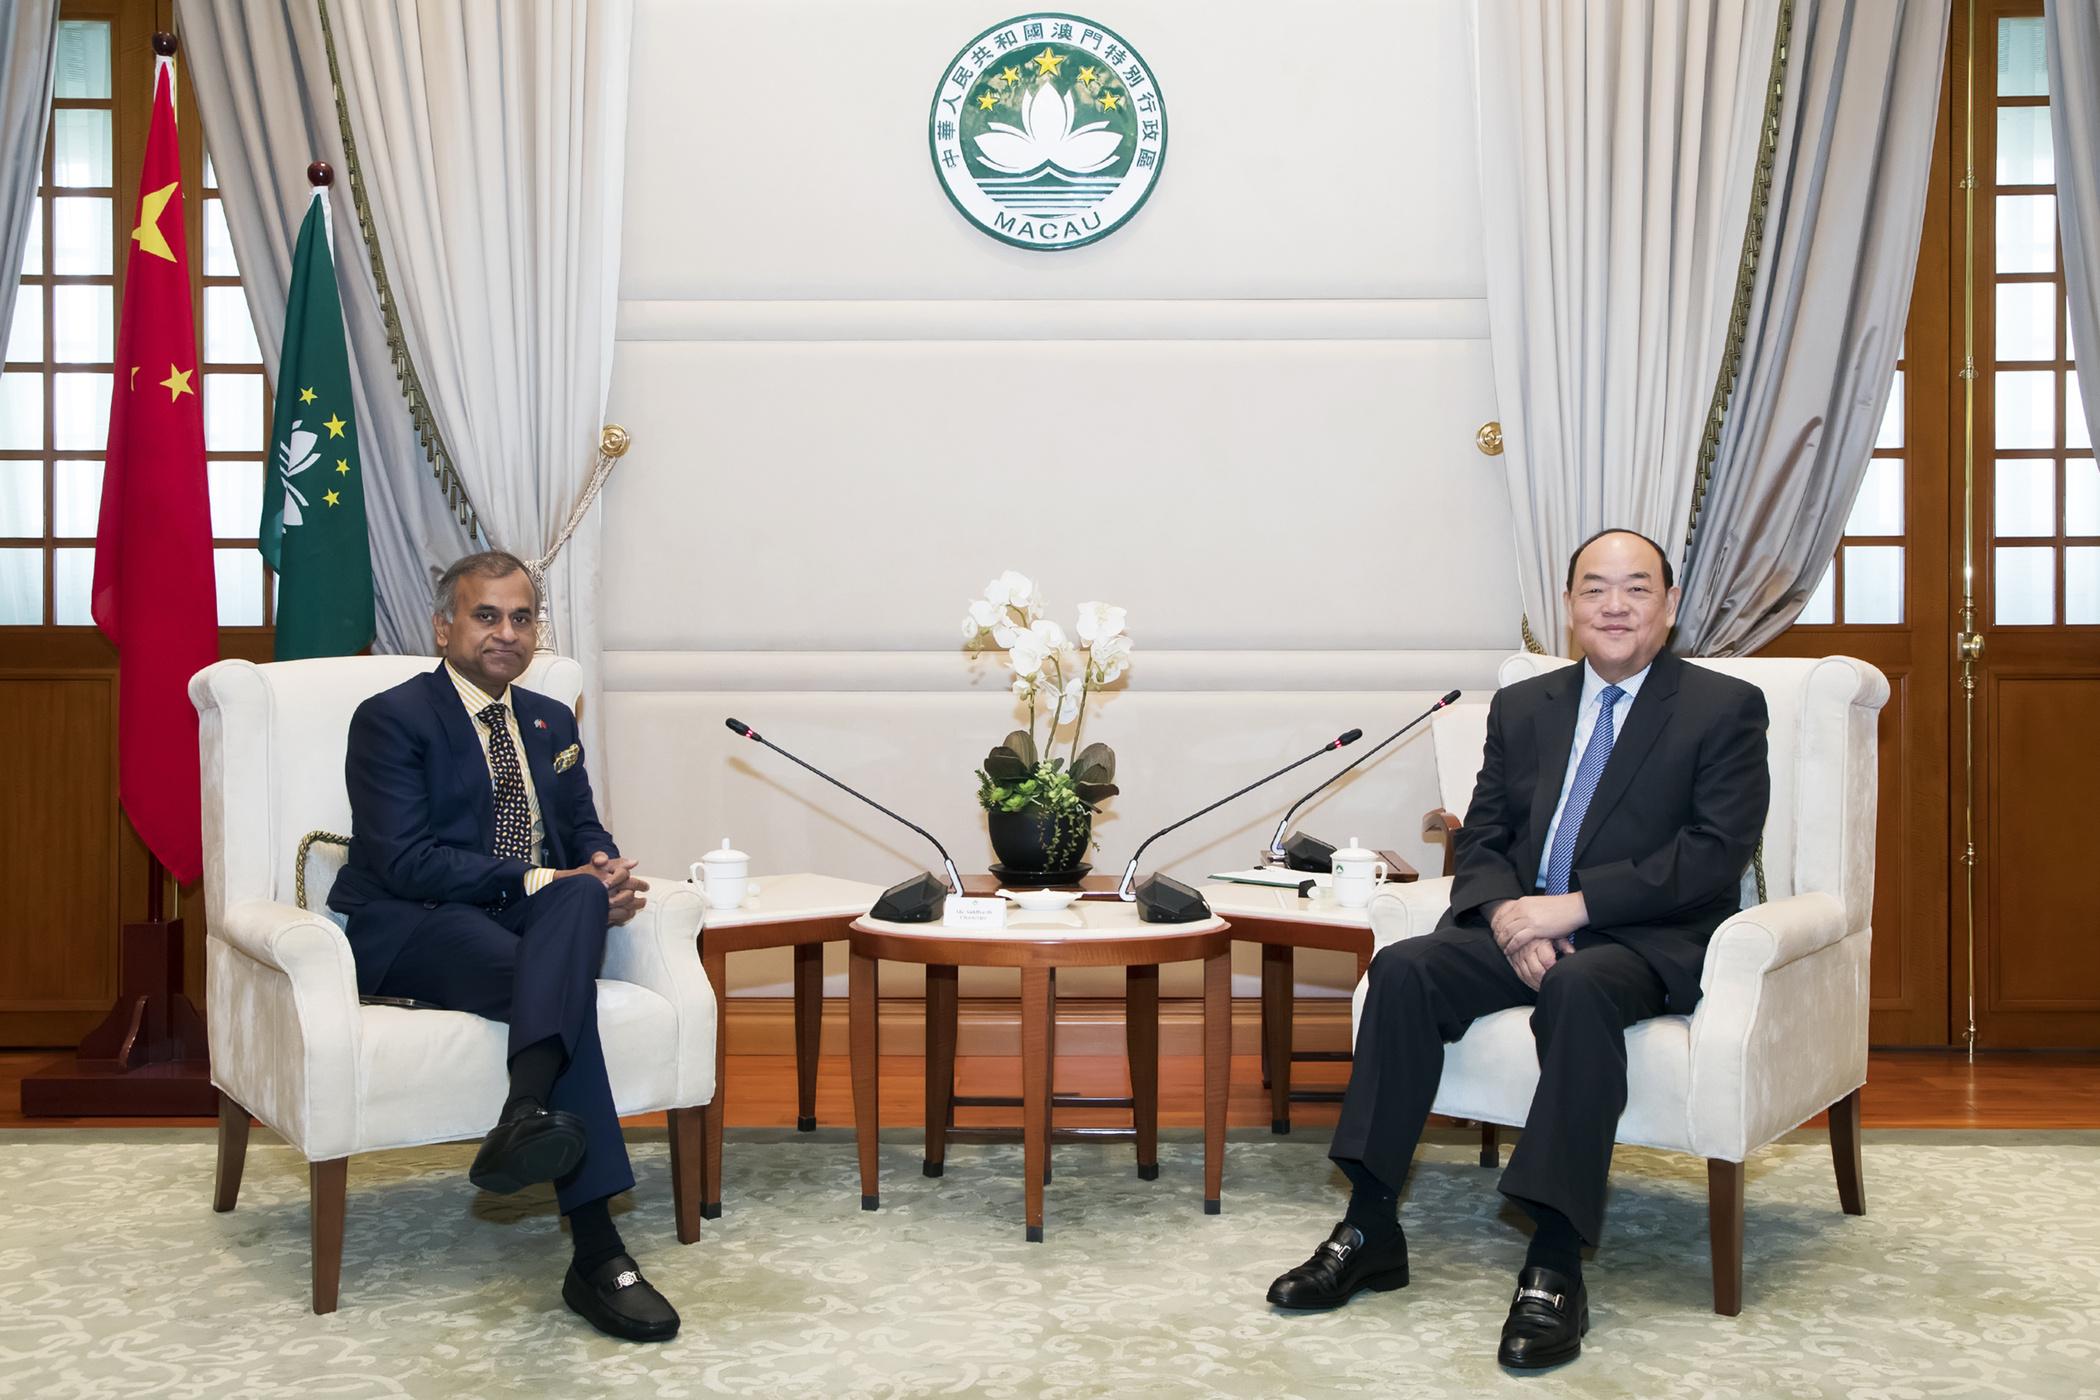 ONU | Chefe do Executivo reuniu com coordenador residente na China